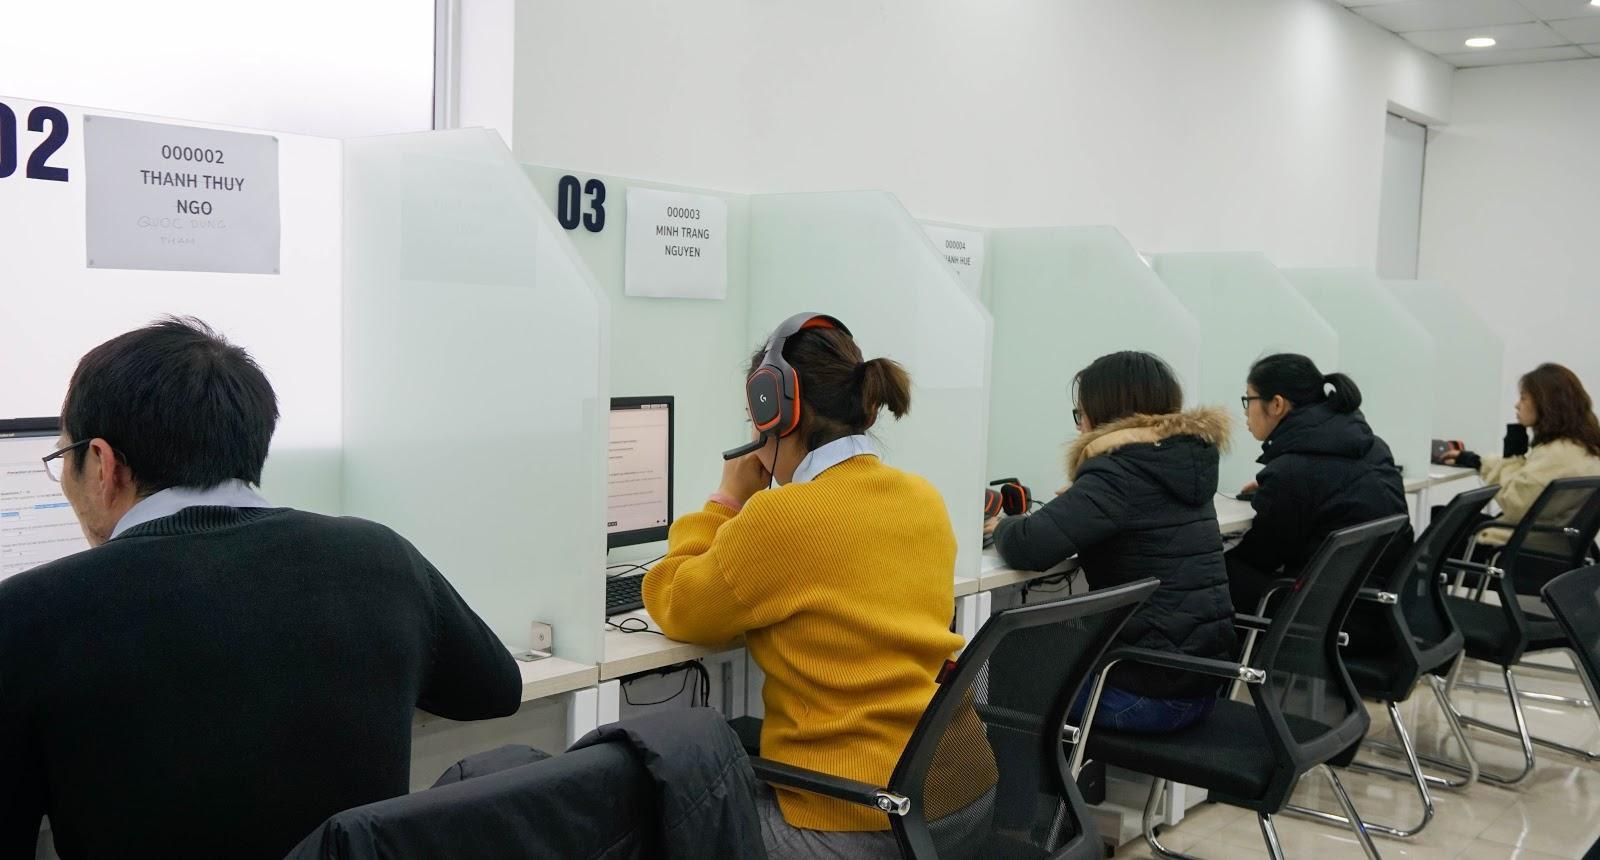 Thi IELTS trên máy tính - Những lợi thế khác biệt thí sinh cần phải biết! - Ảnh 2.